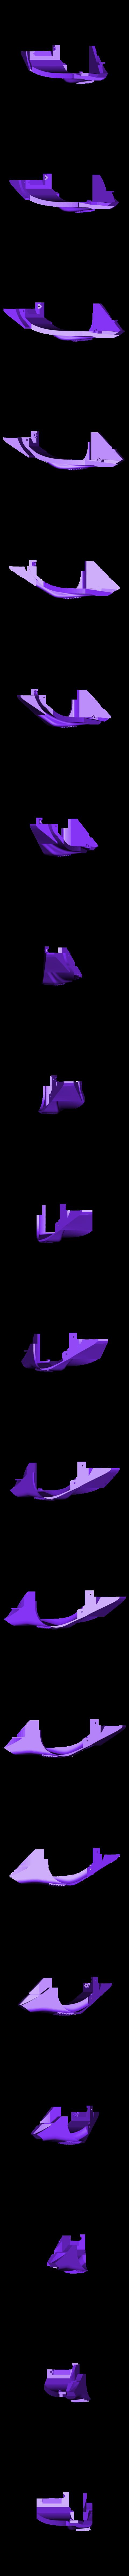 orange front left.stl Télécharger fichier STL gratuit 1991 Mazda 787B 3d Voiture RC imprimée de 1991 • Objet à imprimer en 3D, brett